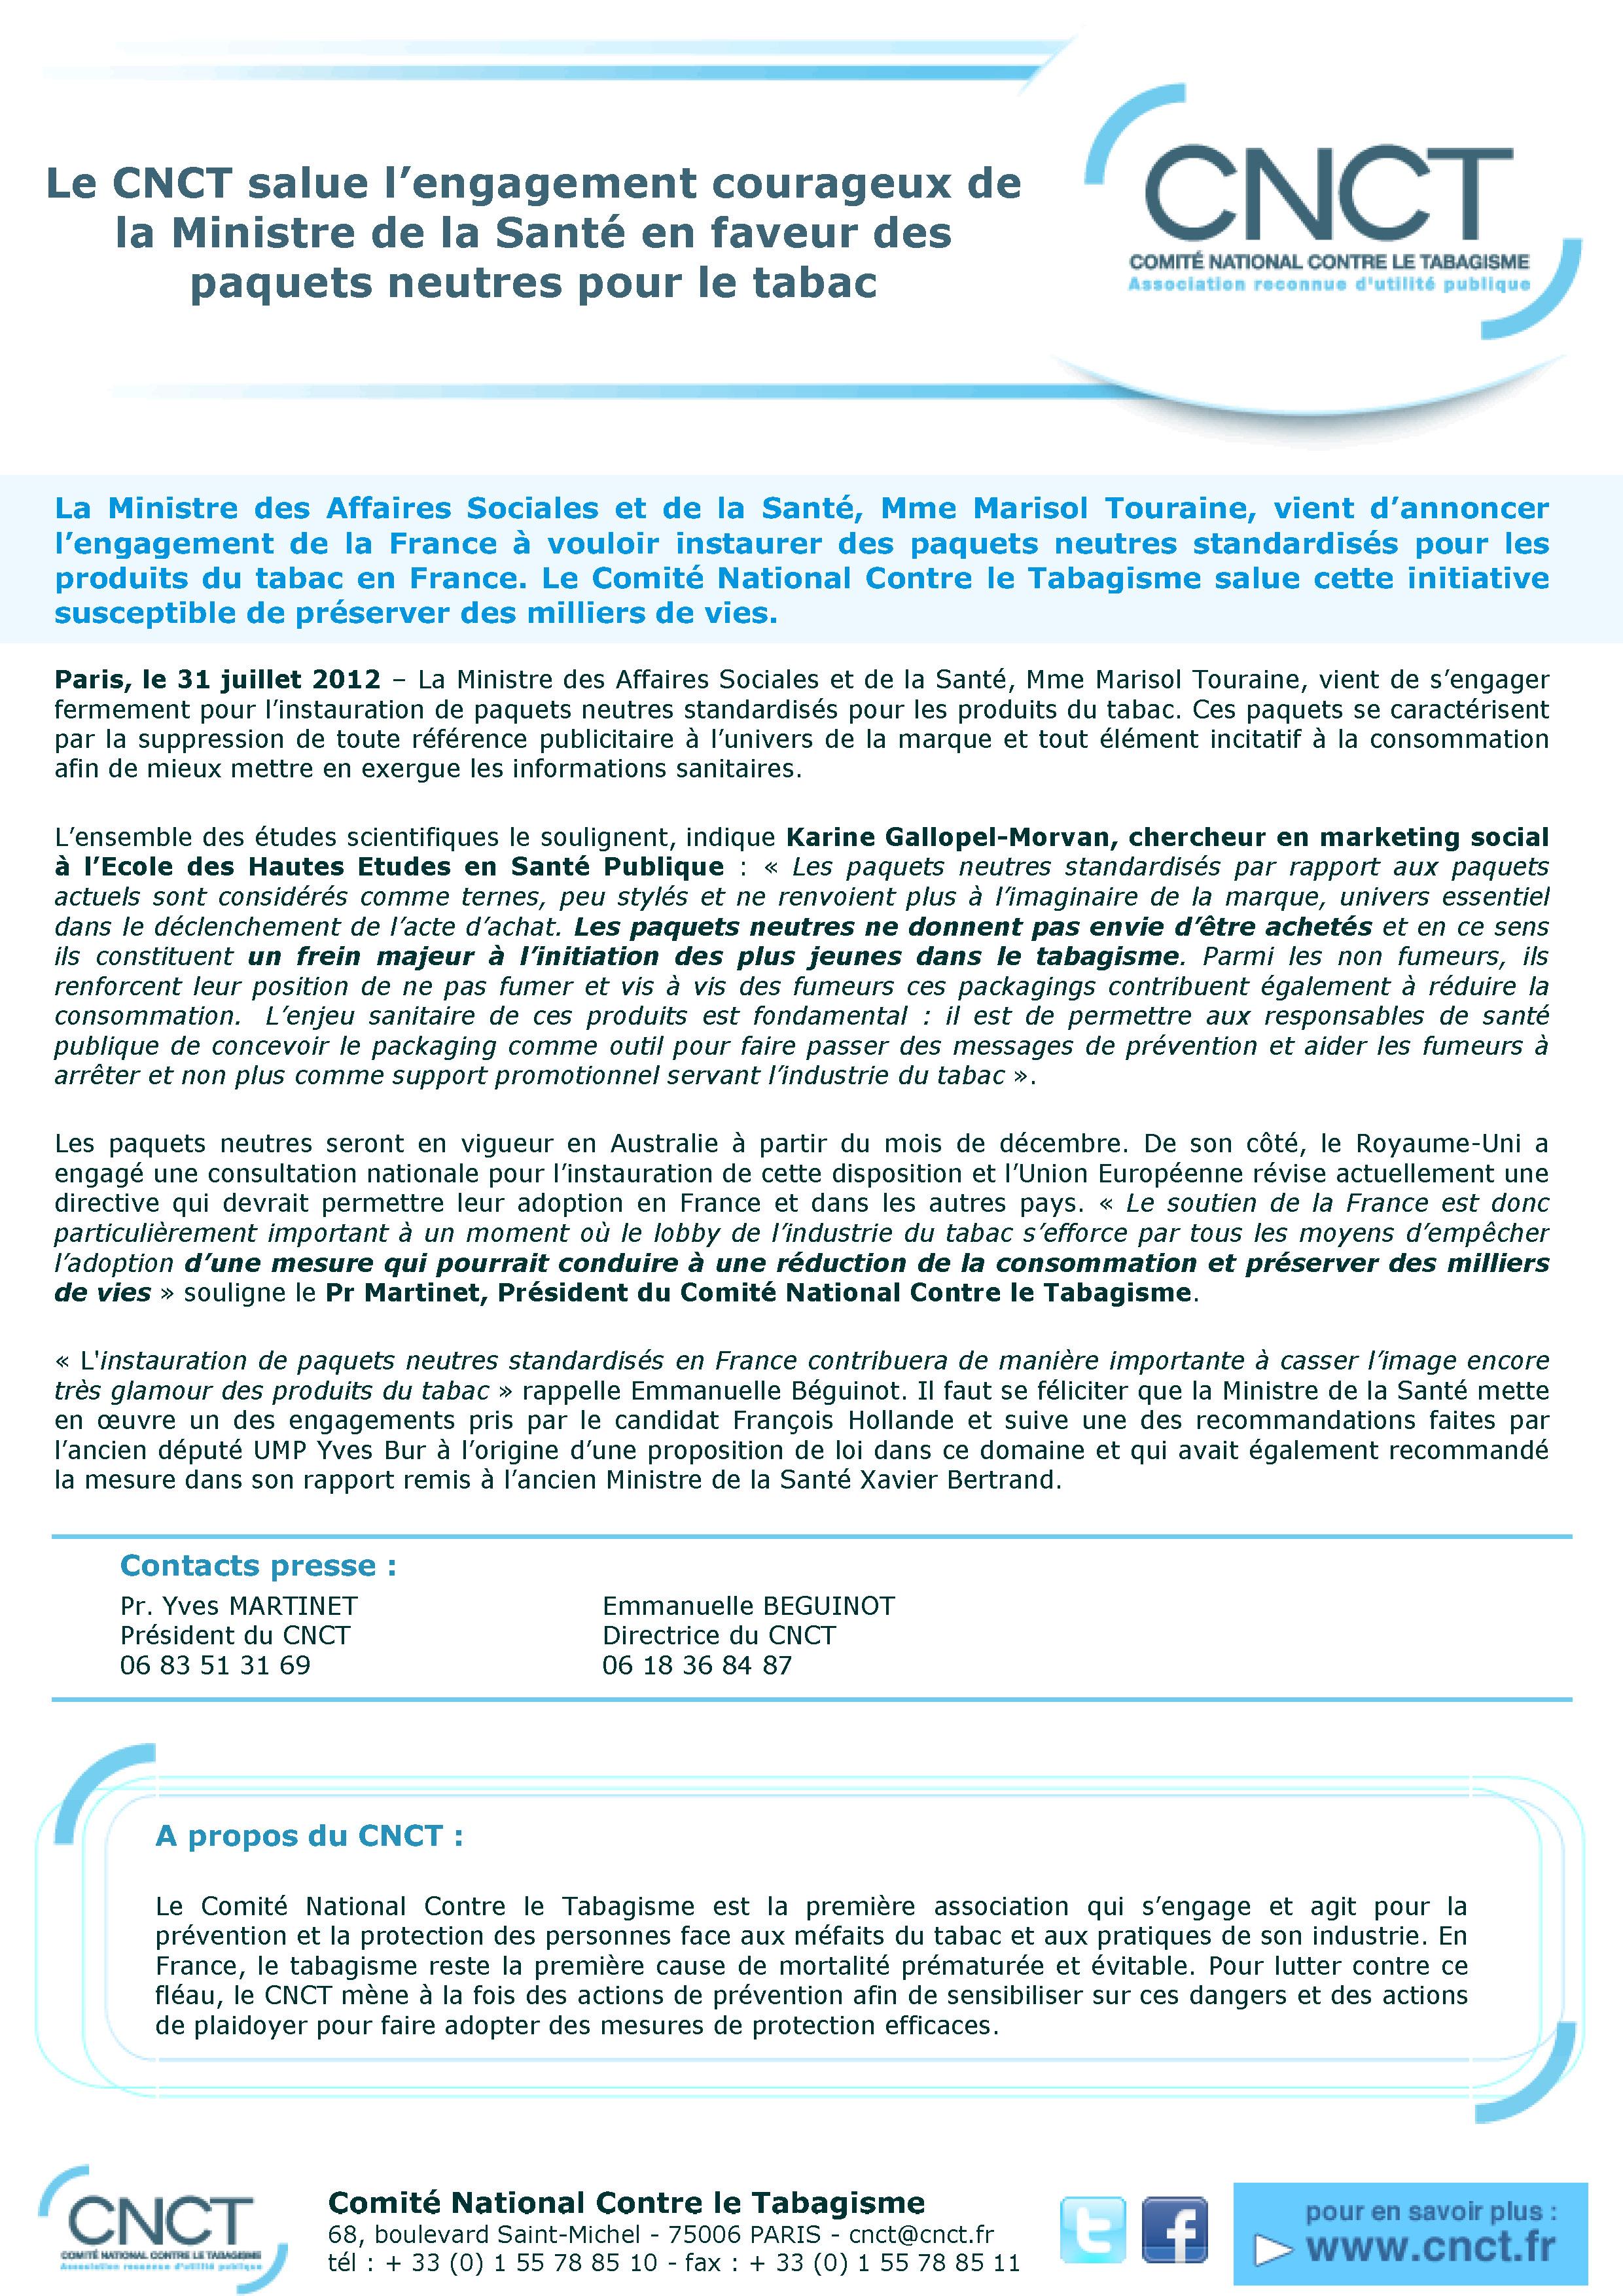 CNCT-CP_paquets-neutres-standardises-pour-le-tabac-31juil2012.jpg